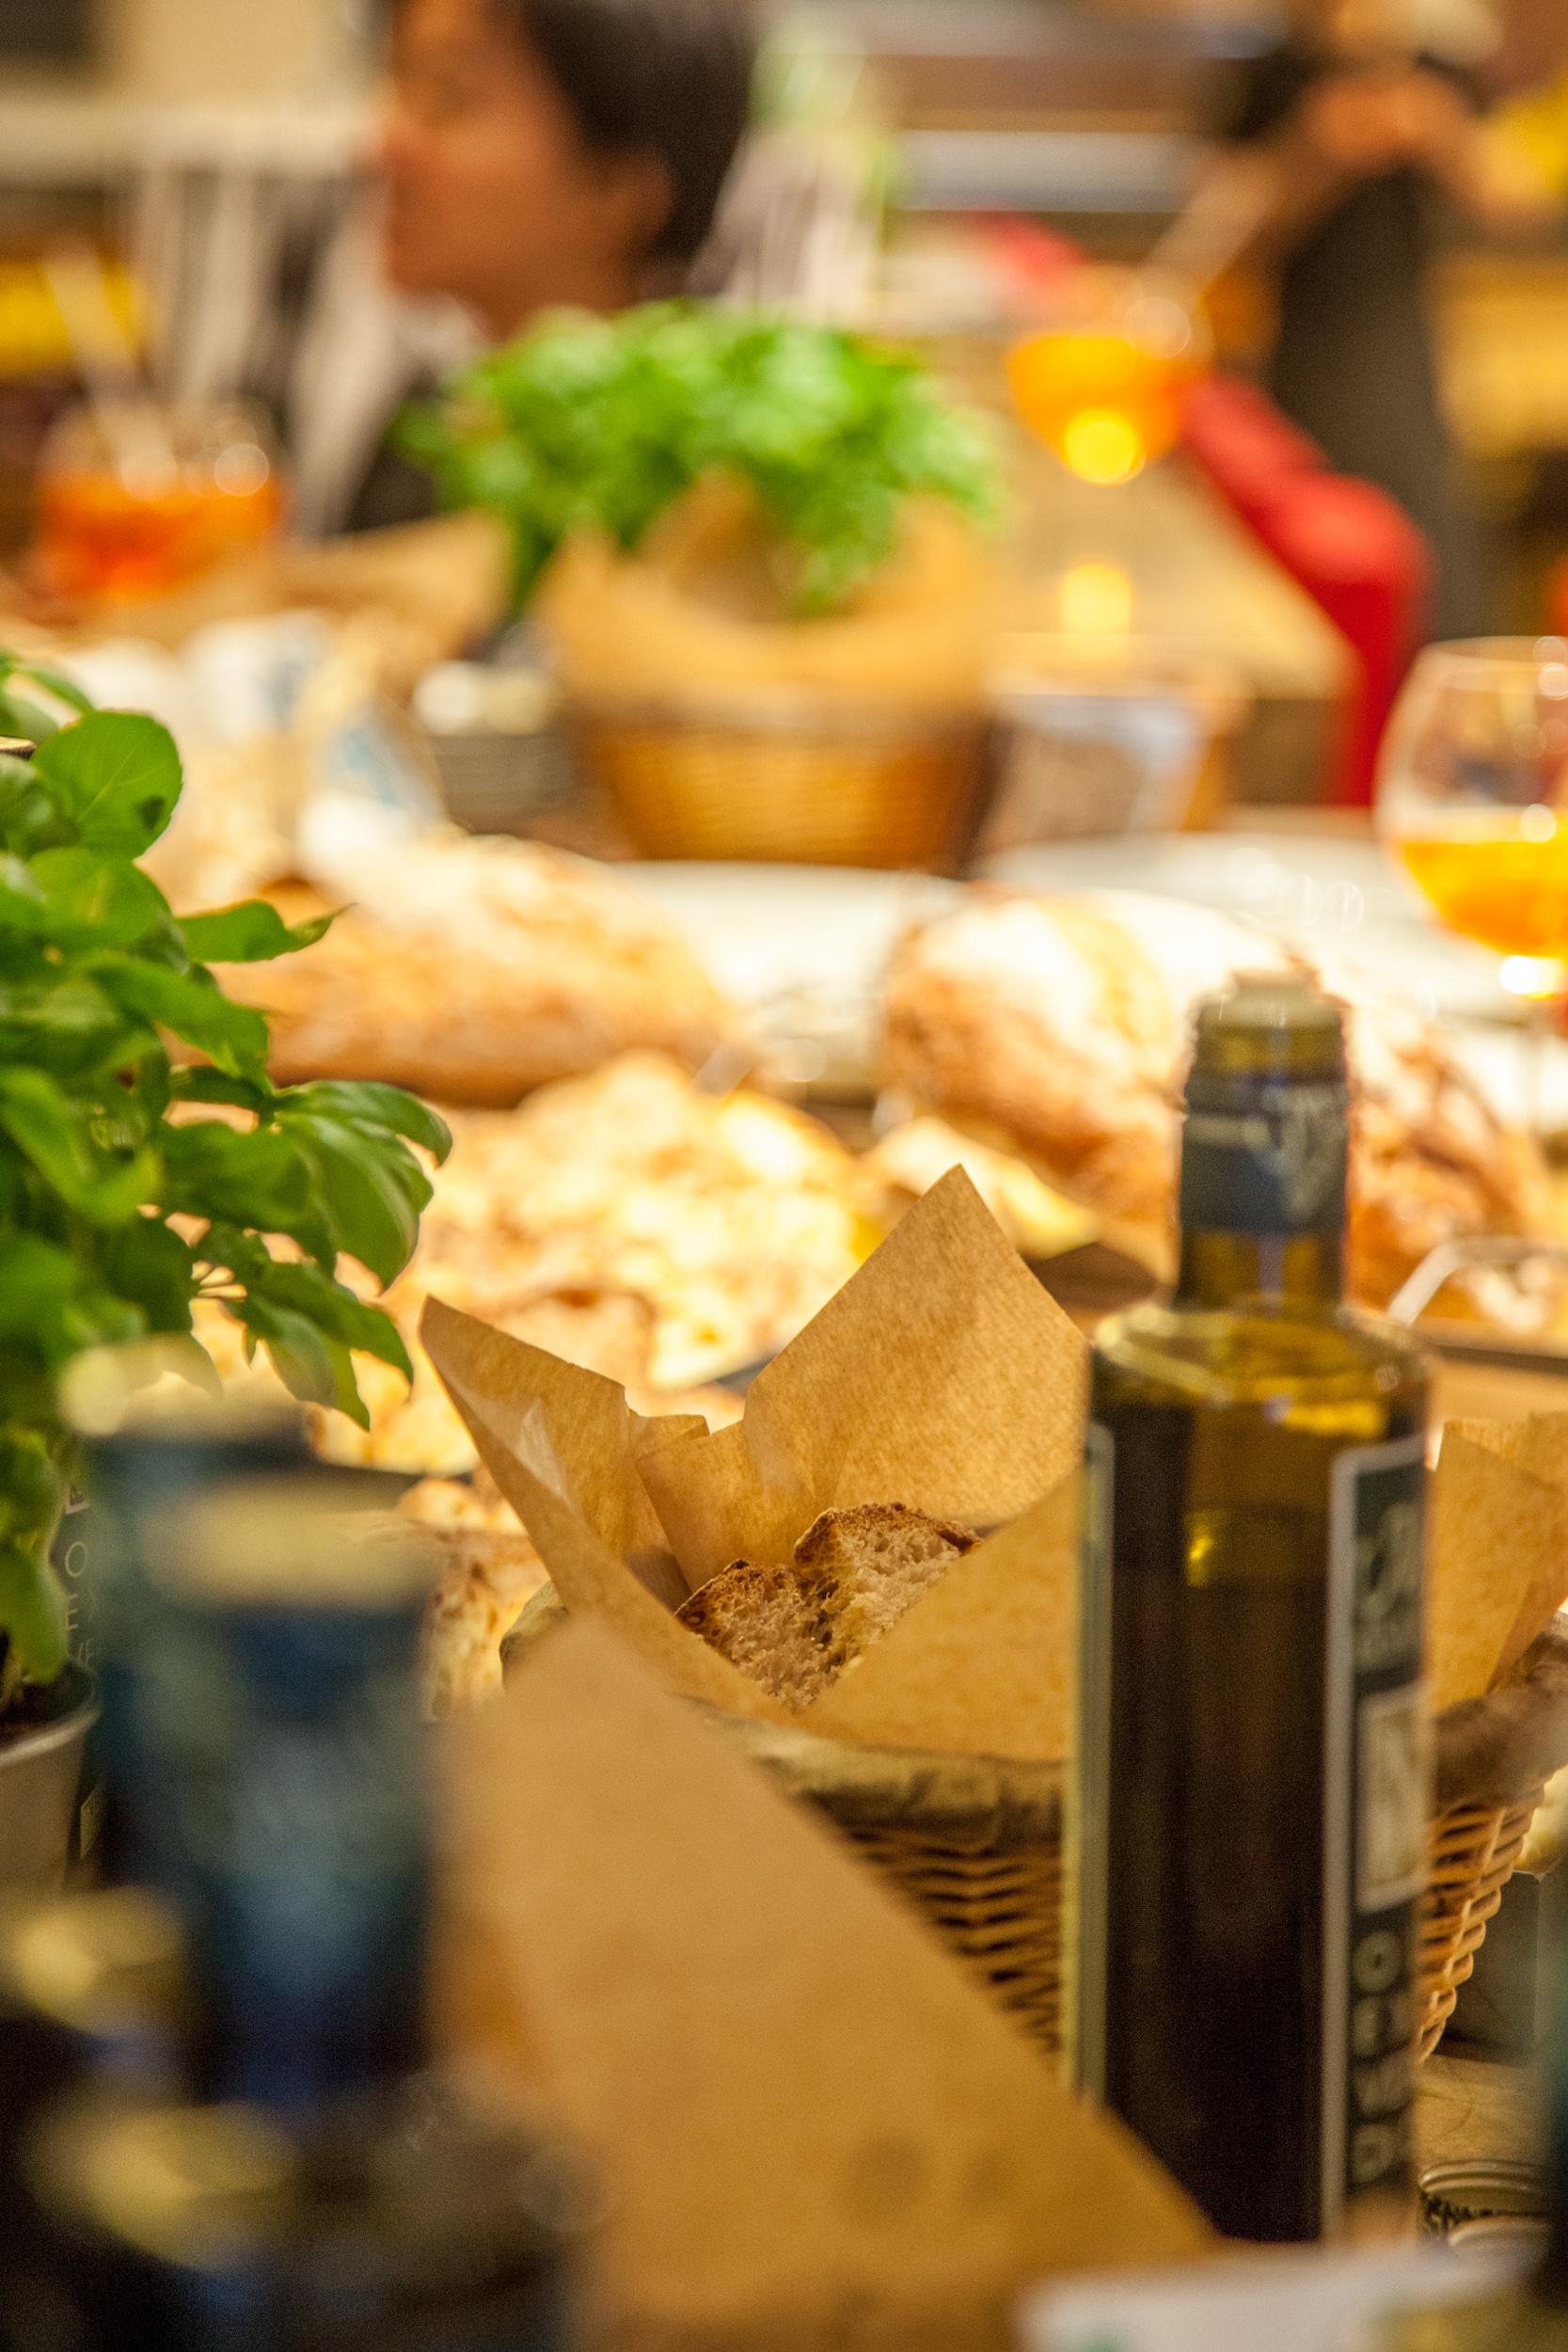 L'olio e il pane fresco non devono essere vissuti dai ristoratori come un costo